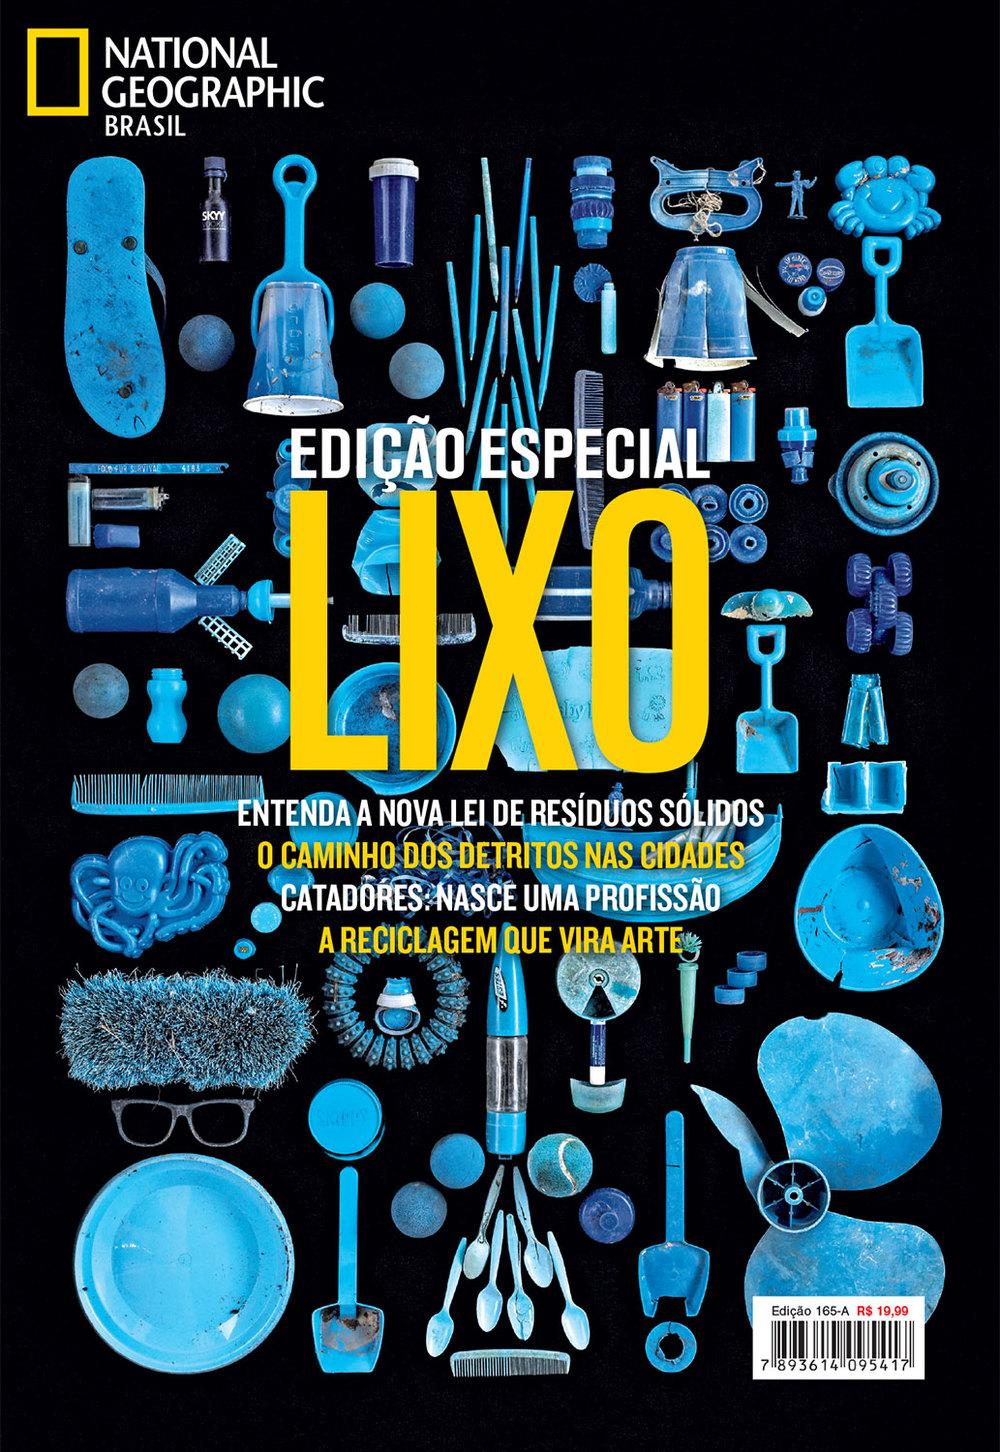 Edição de fotos e design de capa Especial Lixo | NG Brasil, dezembro 2013. Foto de Barry Rosenthal